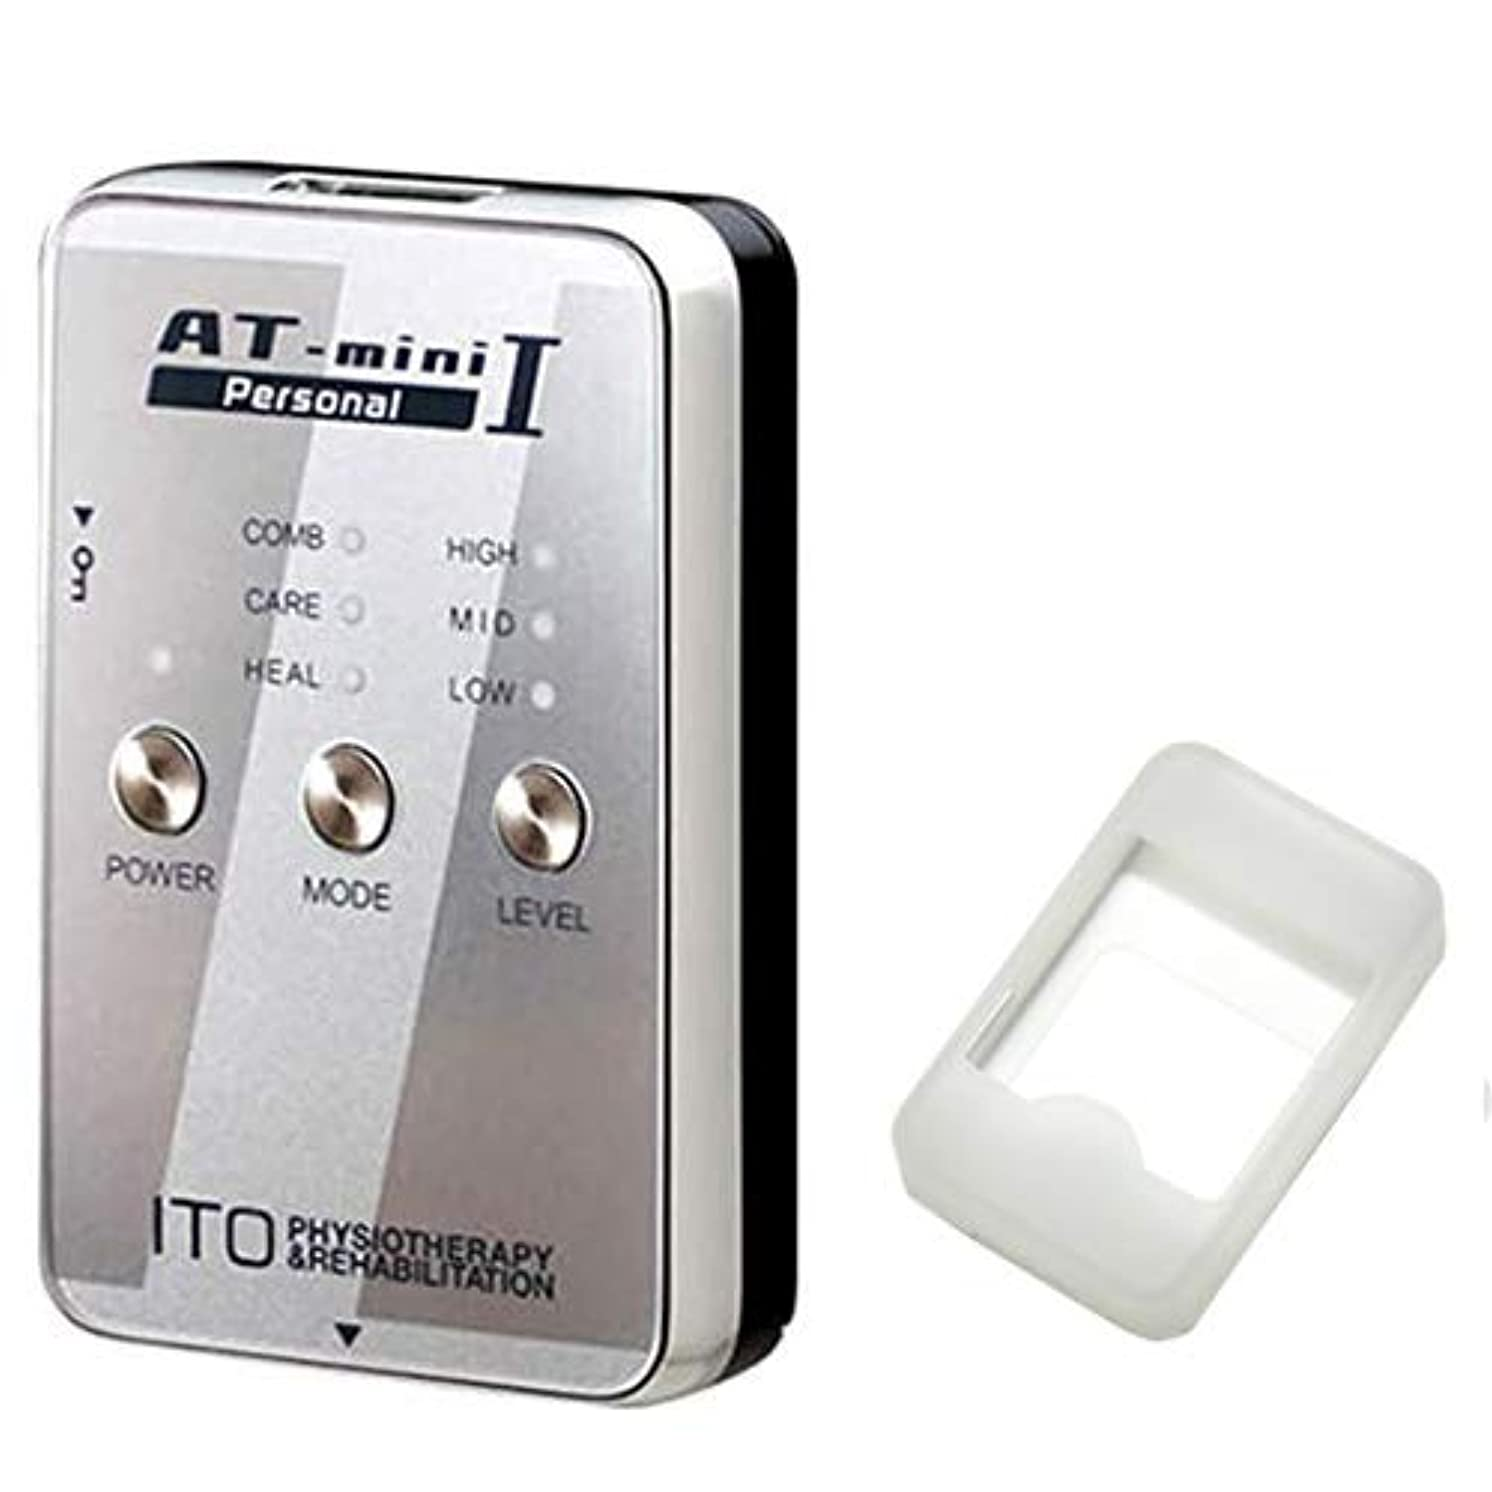 インシデント暗殺者練習した低周波治療器 AT-mini personal I シルバー (ATミニパーソナル1) + シリコン保護ケース